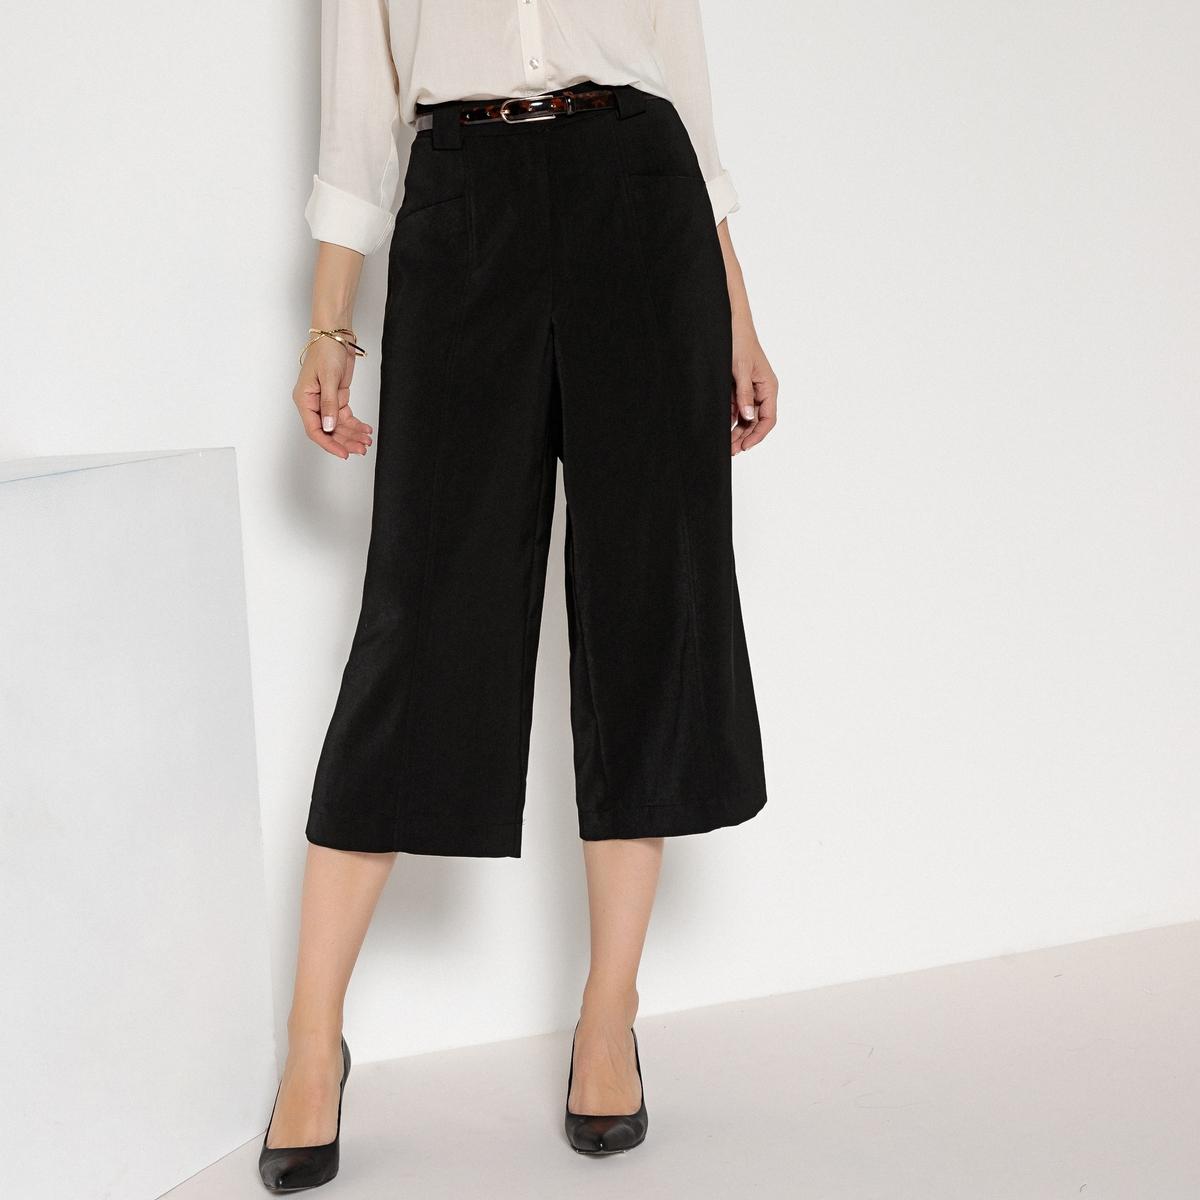 Imagen secundaria de producto de Falda pantalón ancha, con pliegue delante y detrás - Anne weyburn